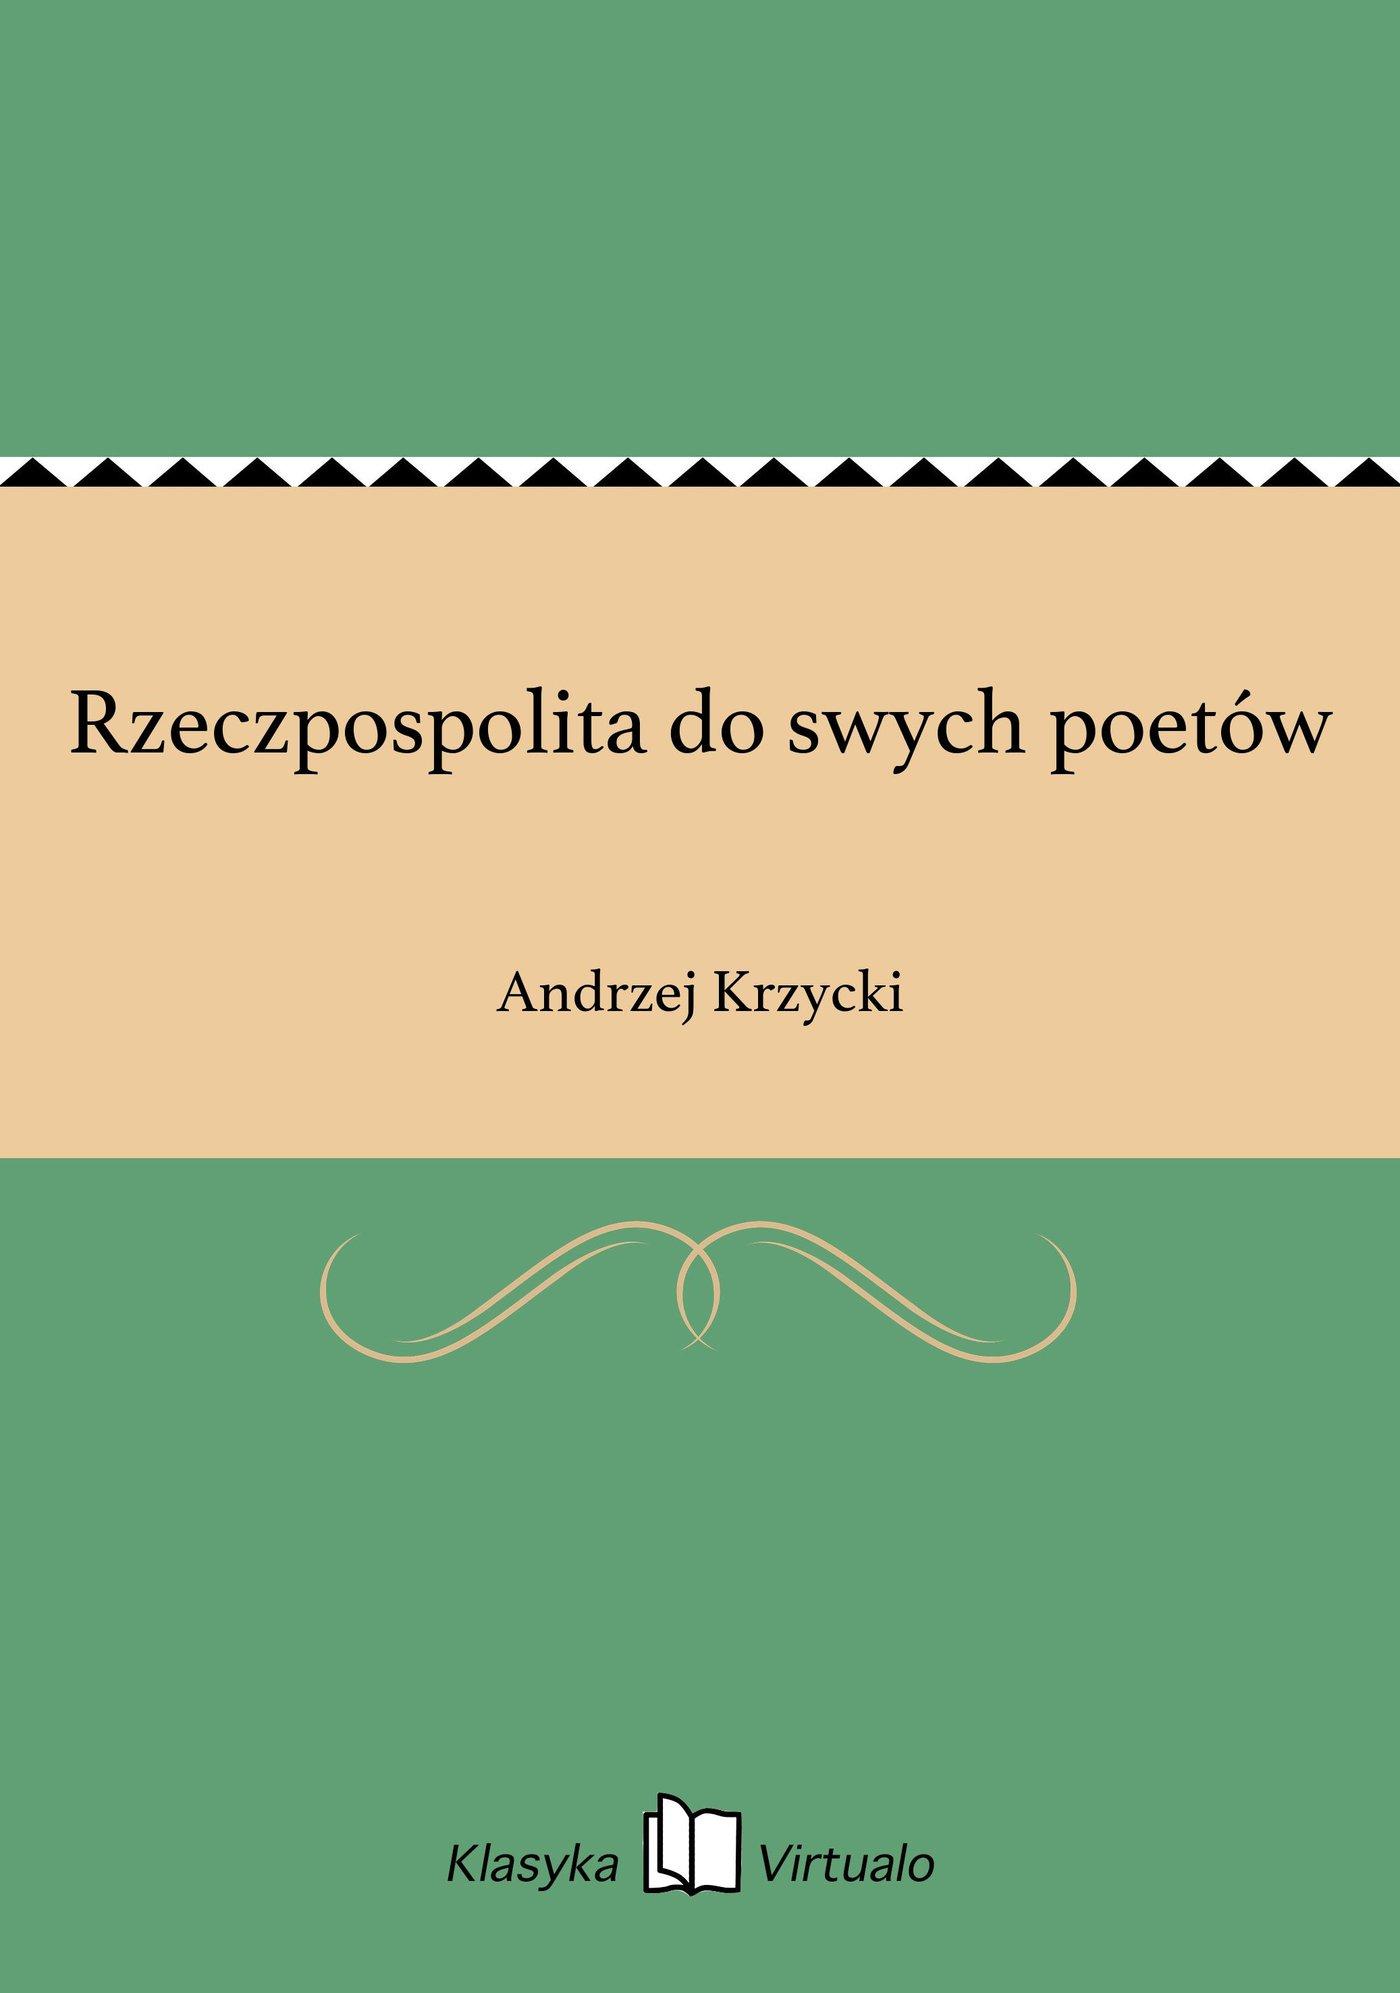 Rzeczpospolita do swych poetów - Ebook (Książka EPUB) do pobrania w formacie EPUB